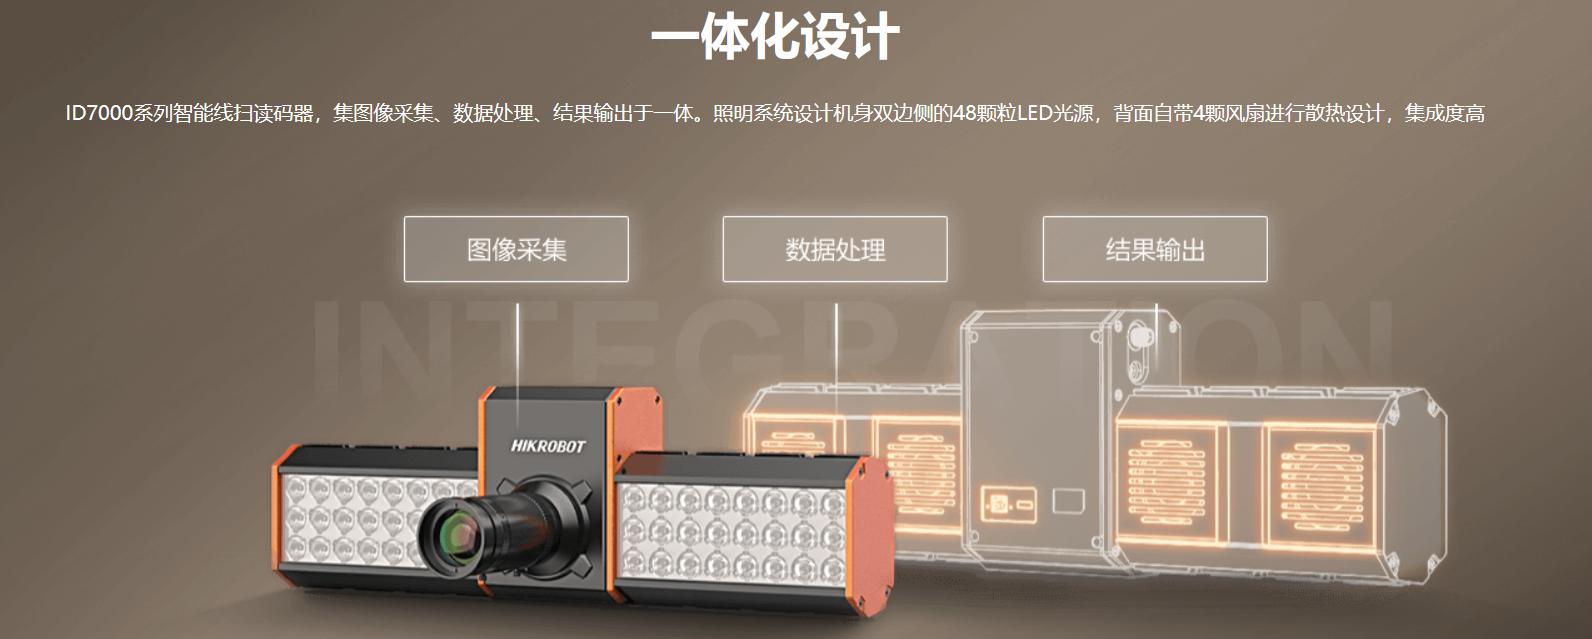 智能读码丨海康ID7000系列智能读码器MV-ID7080M-35F-WHA-捷利得(北京)自动化科技有限公司